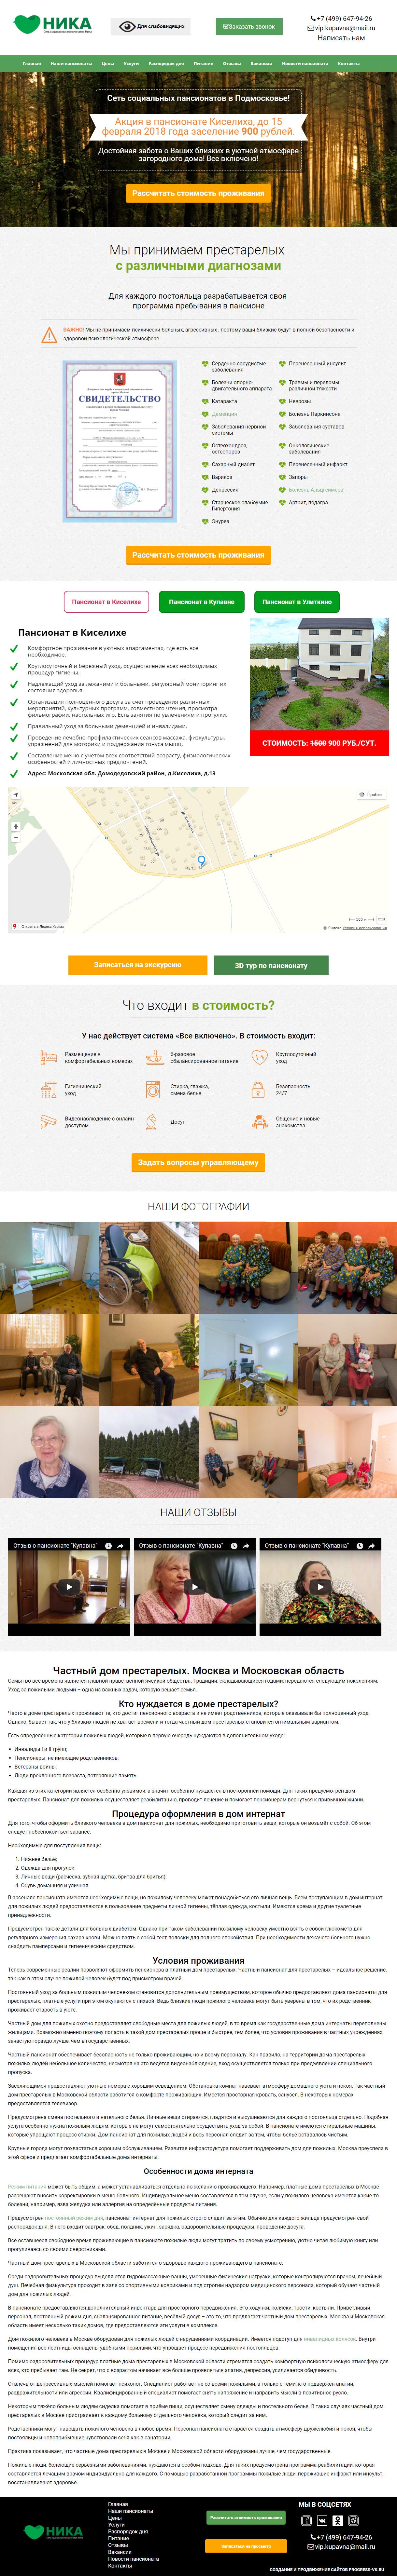 Сайт дом престарелых фото дом - интернат для престарелых репьёвка-колхозная ульяновская обл.история